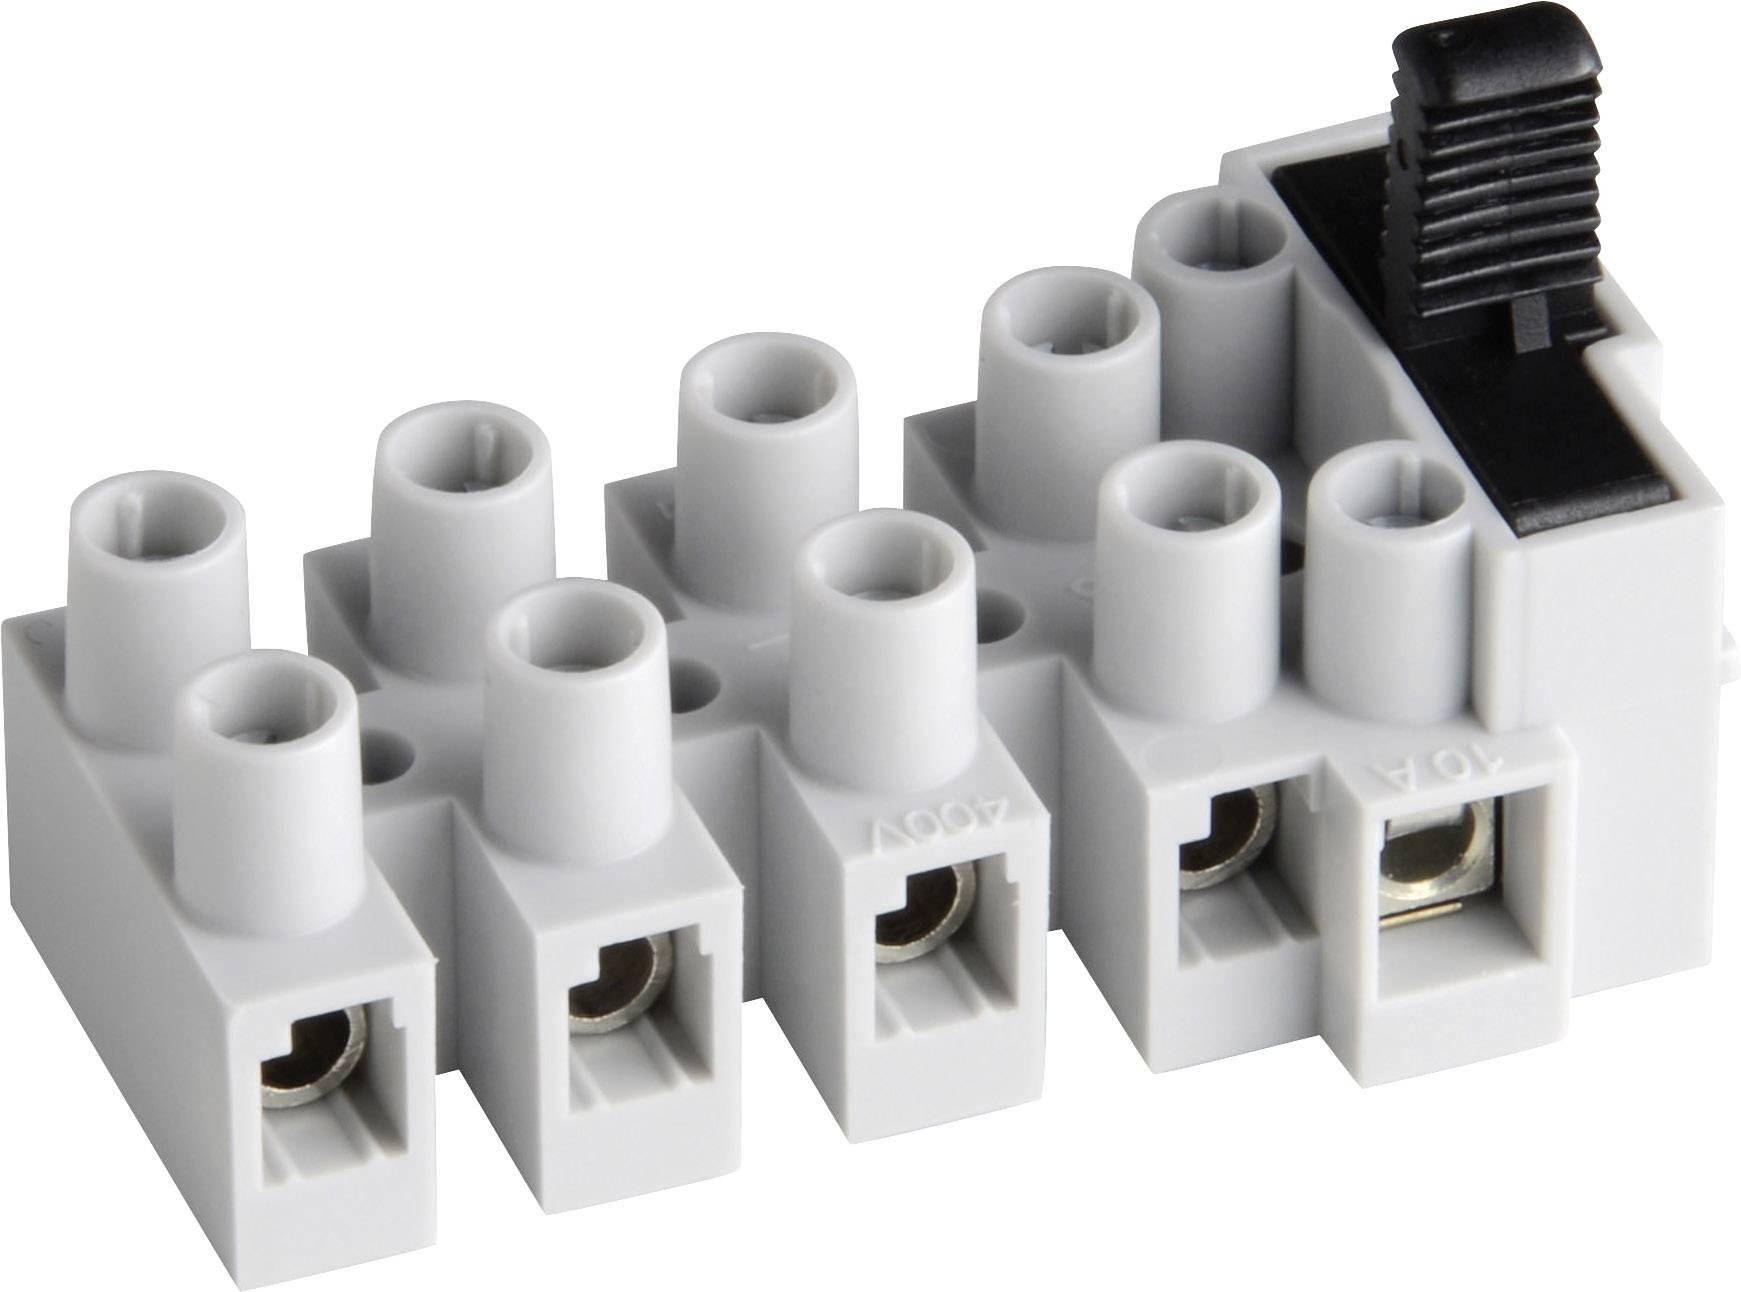 Svietidlové svorky Adels-Contact 503 SI/5 DS 17 03 05 V9 na kábel s rozmerom 0.5-2.5 mm², tuhosť 0.5-2.5 mm², počet pinov 5, 1 ks, prírodná